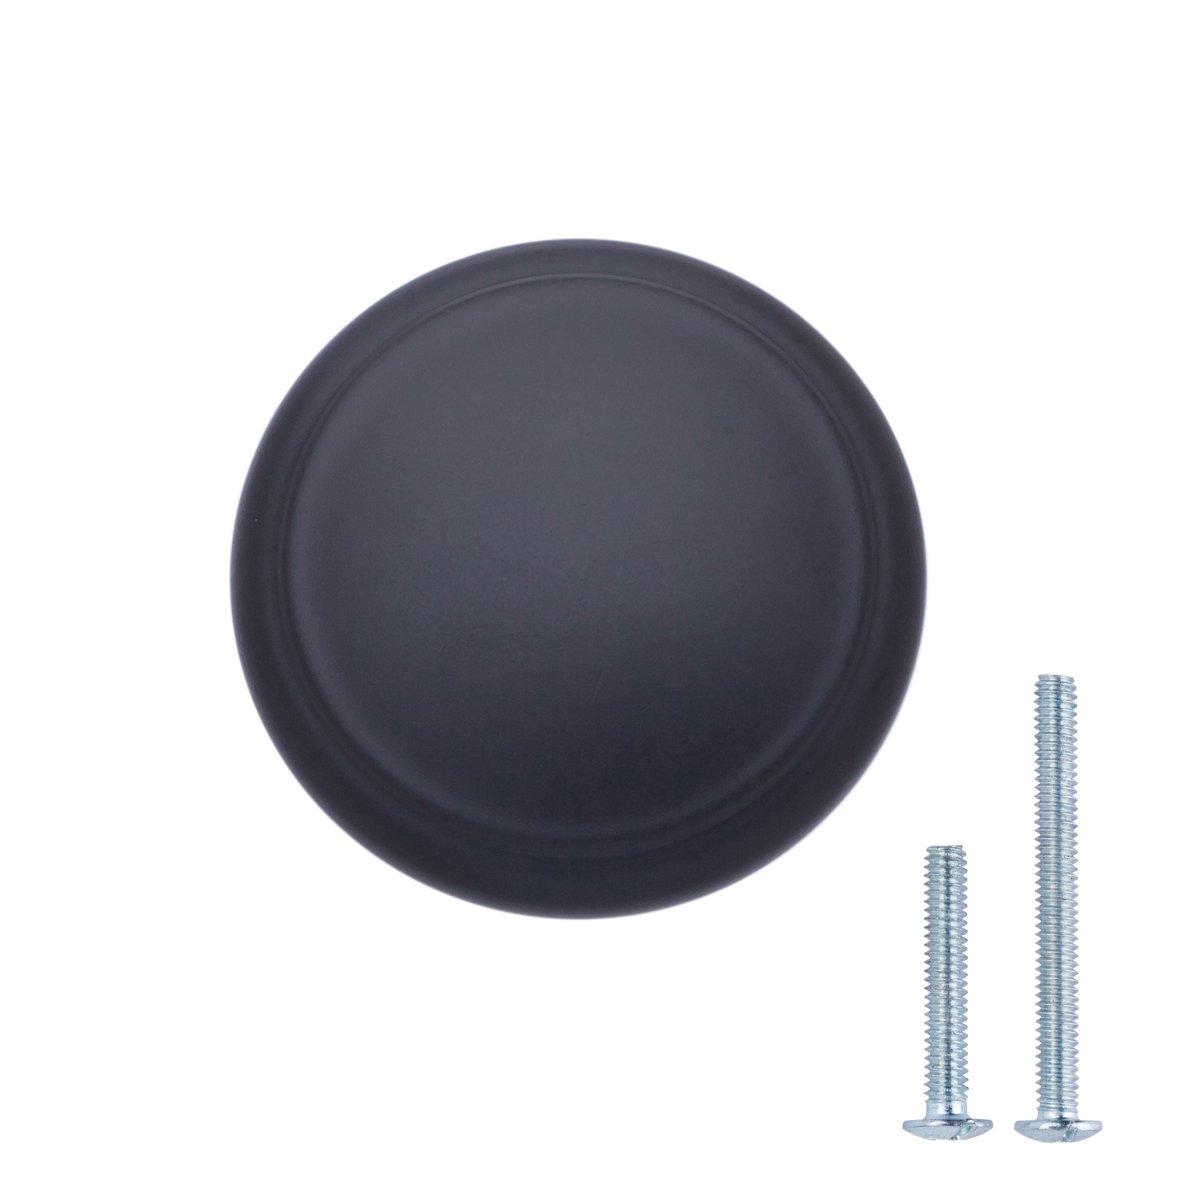 2,95 cm de di/ámetro con dise/ño de aro superior negro liso paquete de 25 Pomo de armario moderno Basics